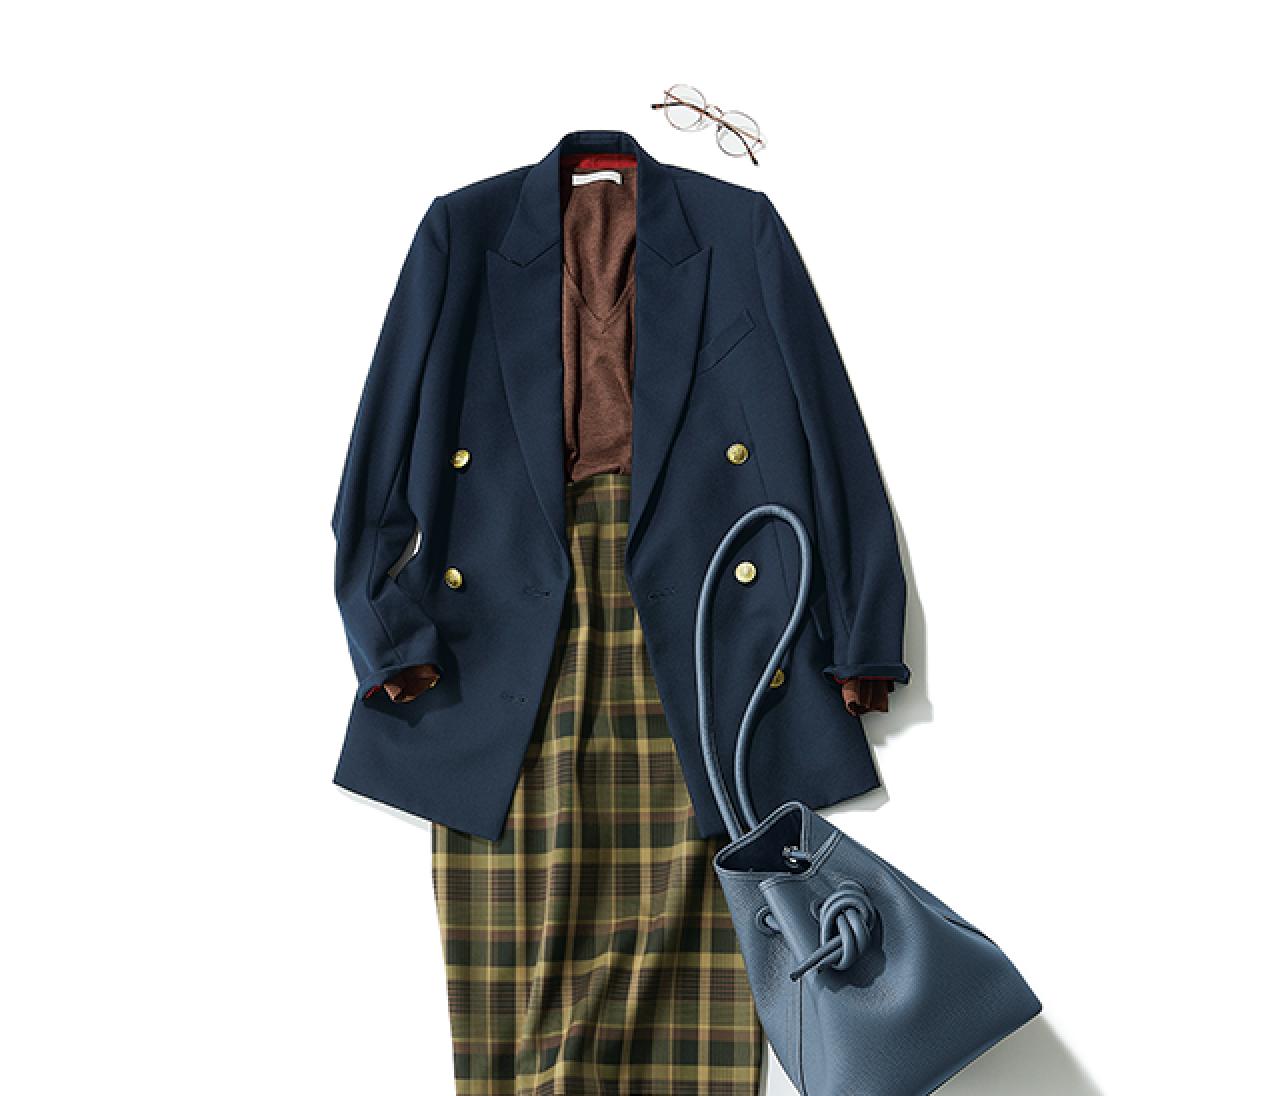 研修会に参加する日は、旬なジャケットスタイルで素敵な先輩風に【2018/10/3のコーデ】